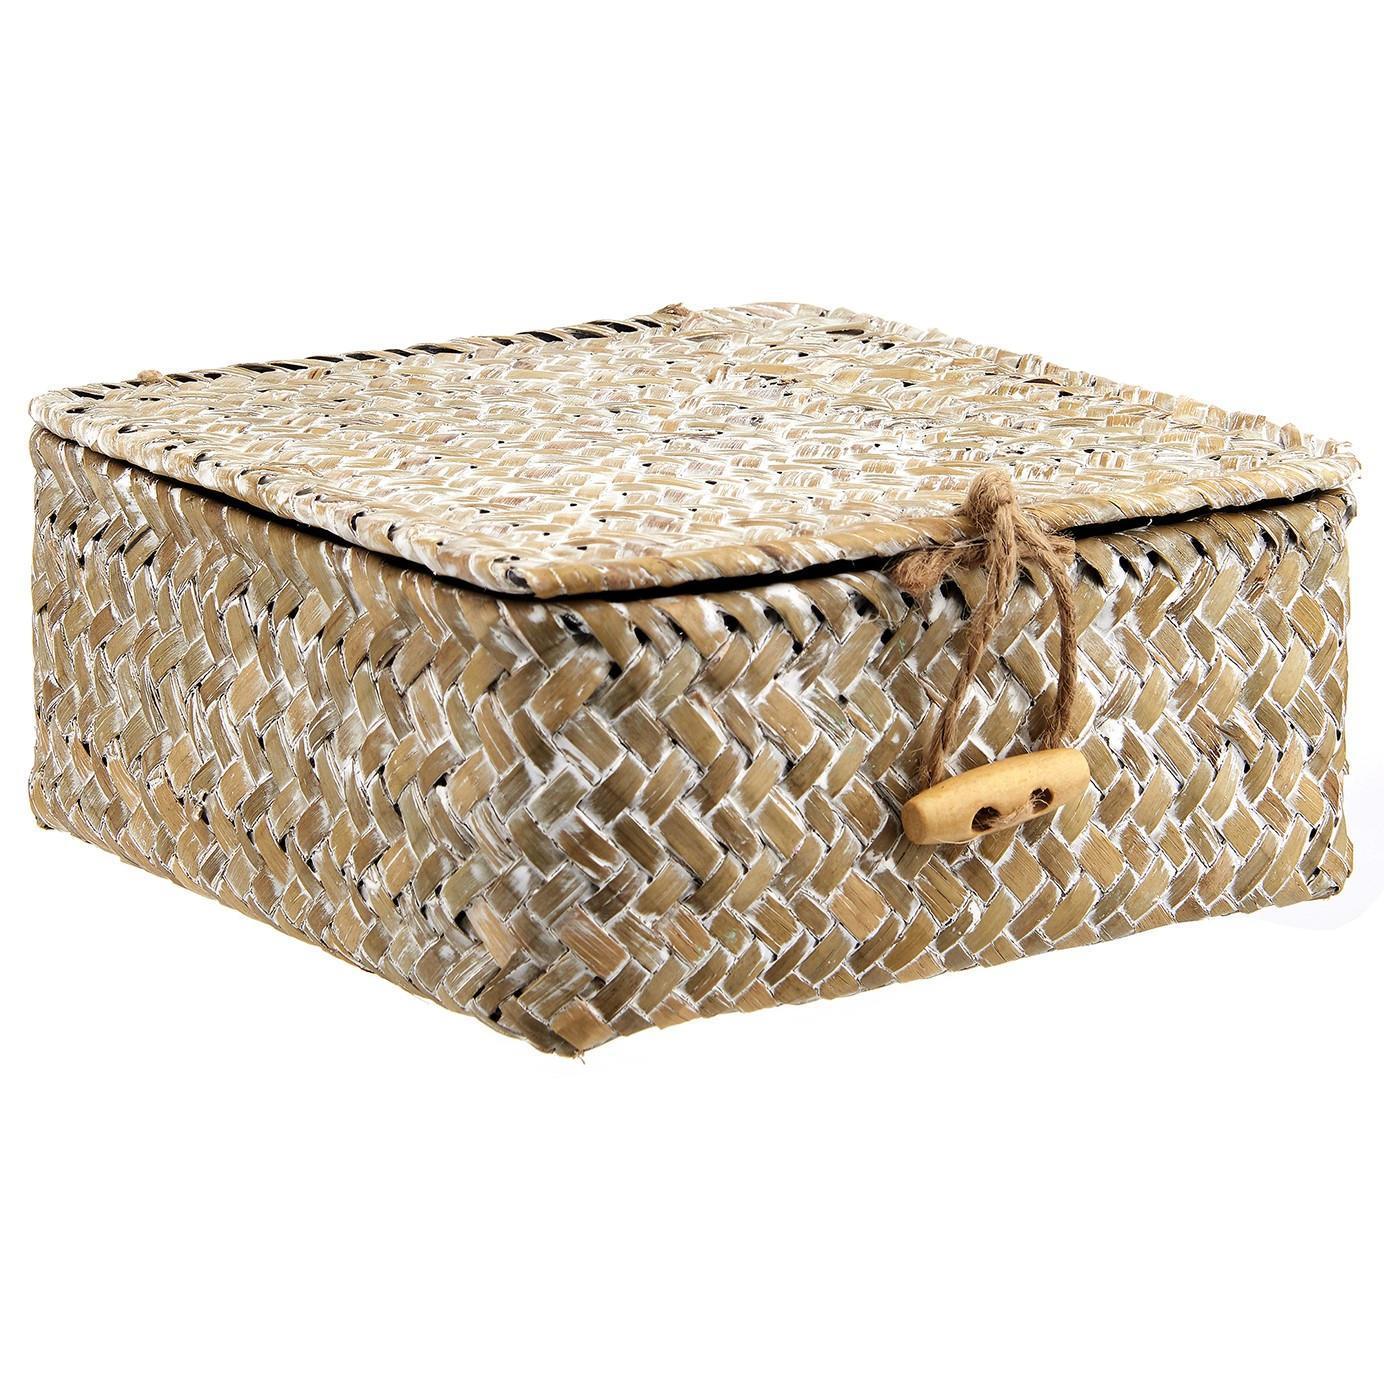 1da2d3821 sass & belle Slaměný úložný box Boho Straw, béžová barva, proutí